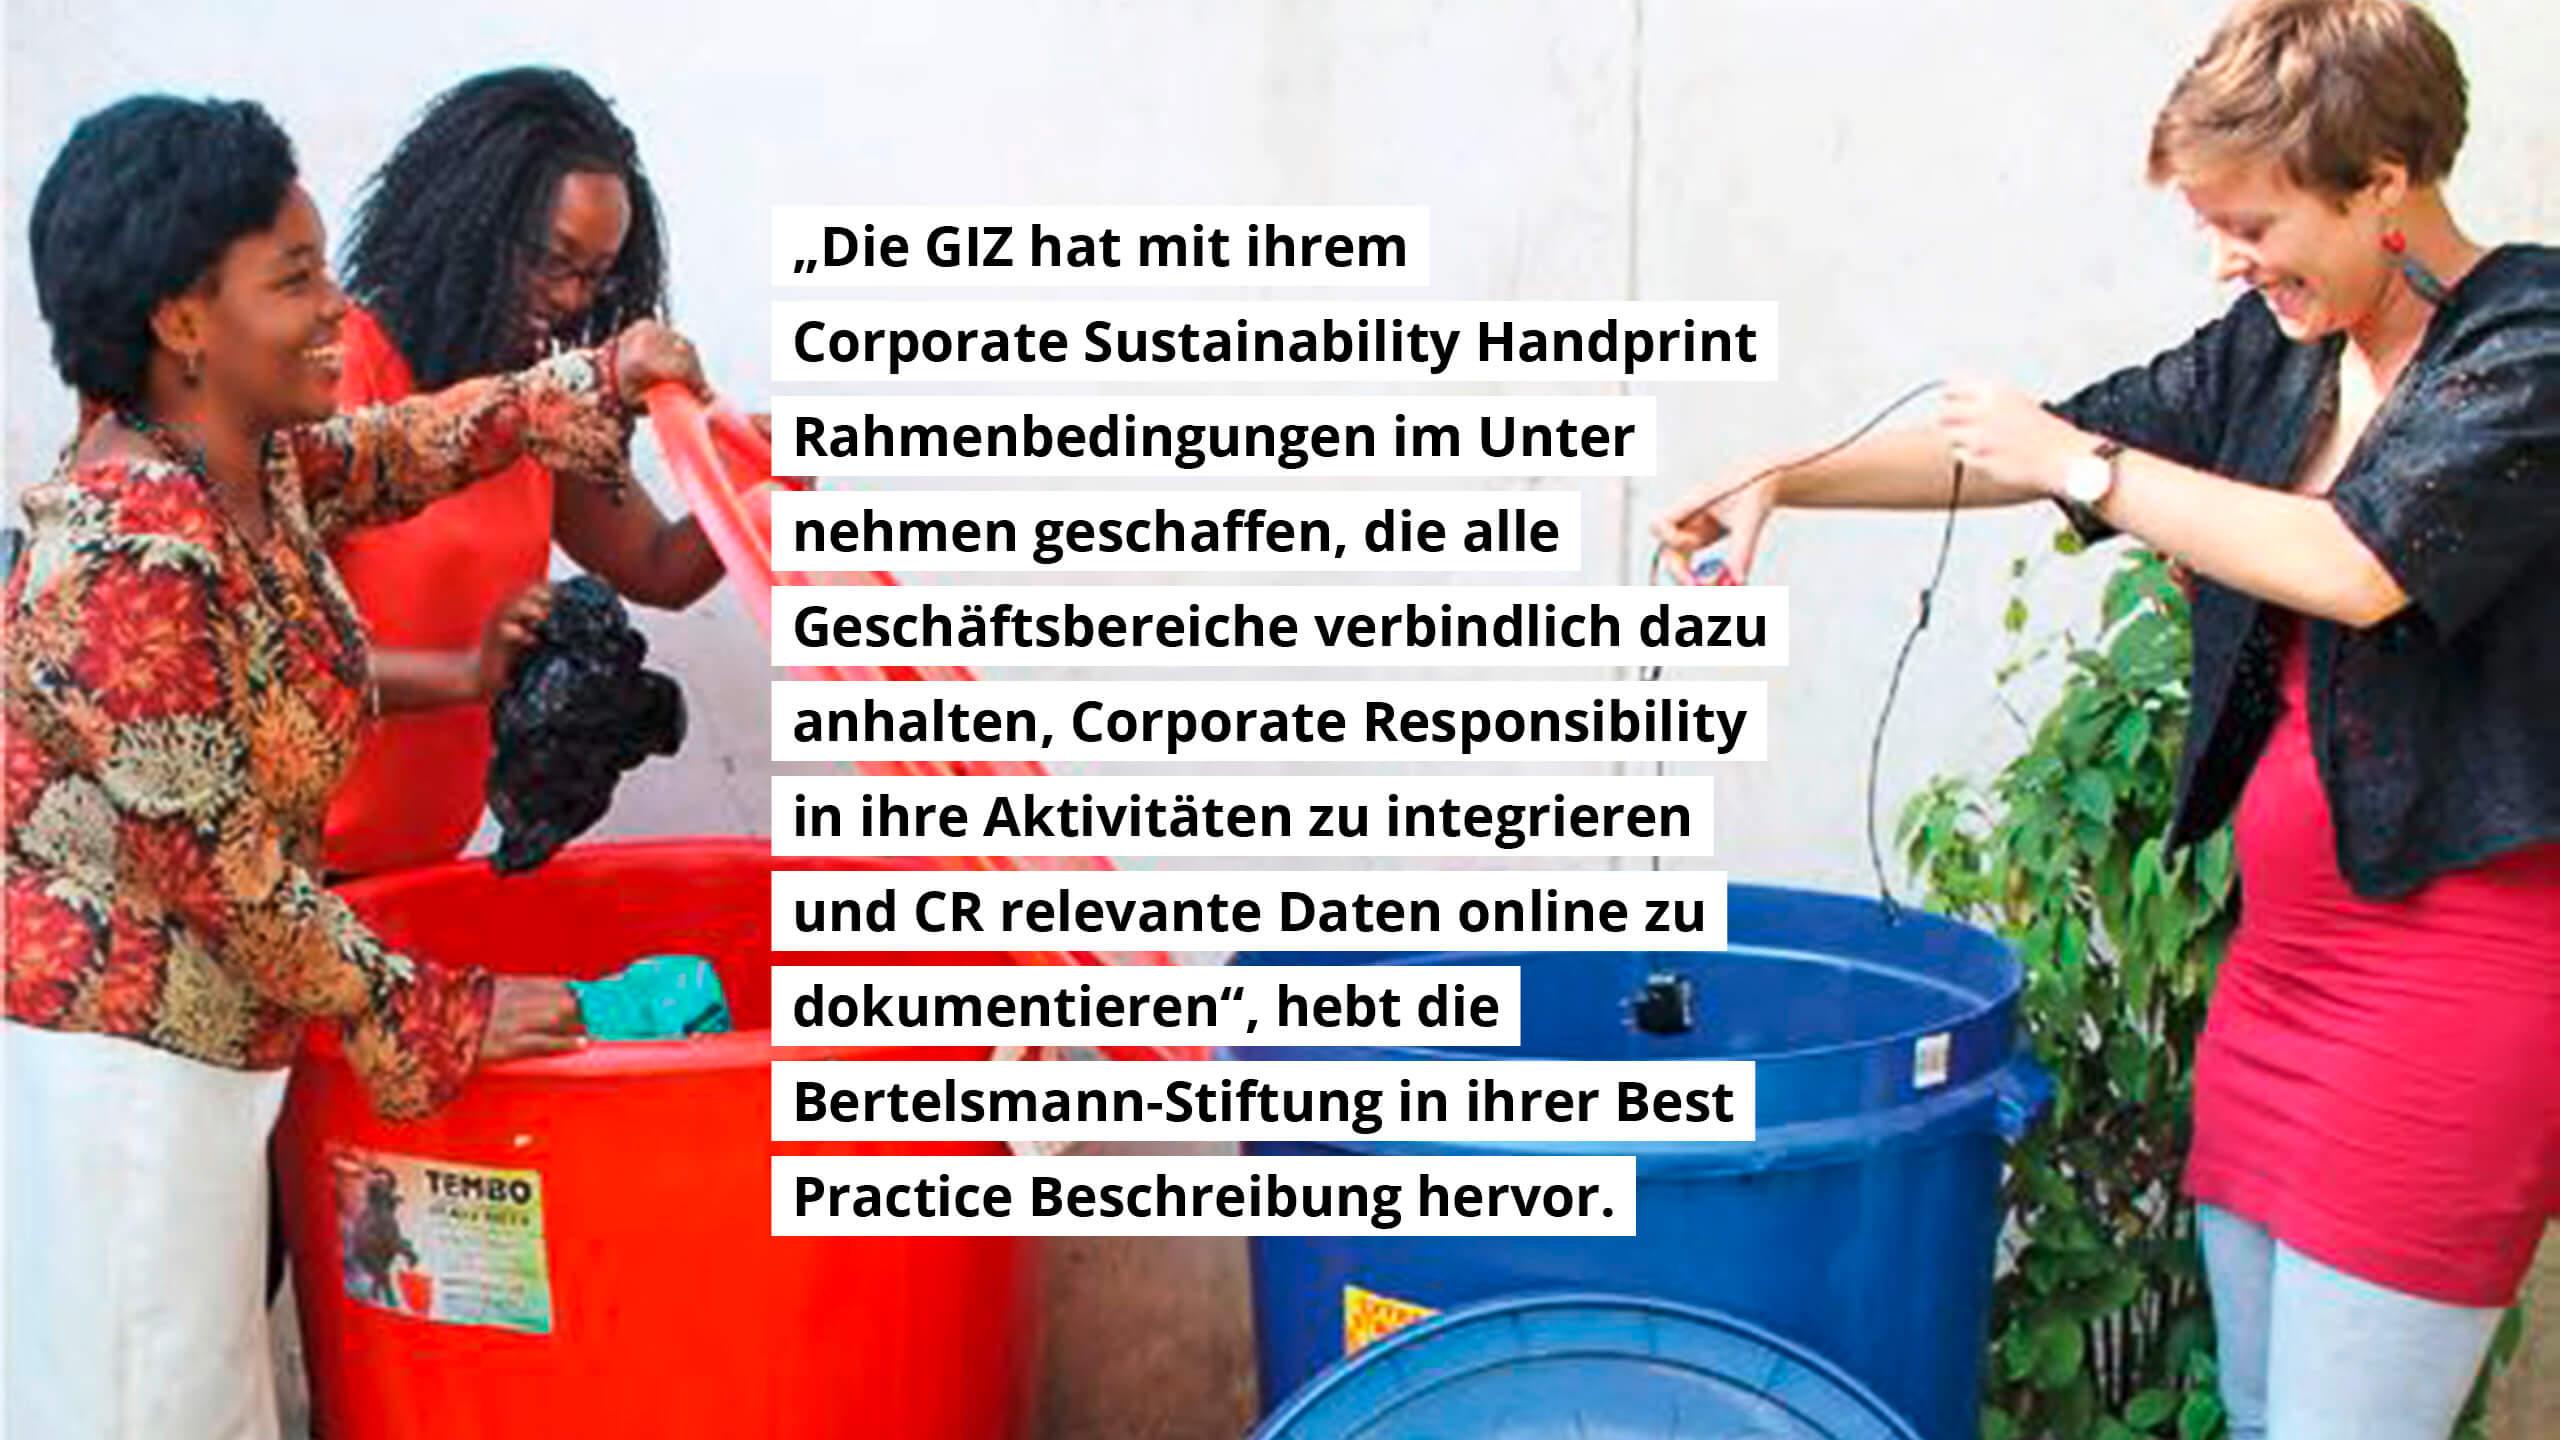 """""""Die GIZ hat mit ihrem CSH Rahmenbedingungen im Unternehmen geschaffen, die alle Geschäftsbereiche verbindlich dazu anhalten, Corporate Responsibility in ihre Aktivitäten zu integrieren und CR relevante Daten online zu dokumentieren."""" hebt die Bertelsmann-Stiftung in ihrer Best Practice Beschreibung hervor."""